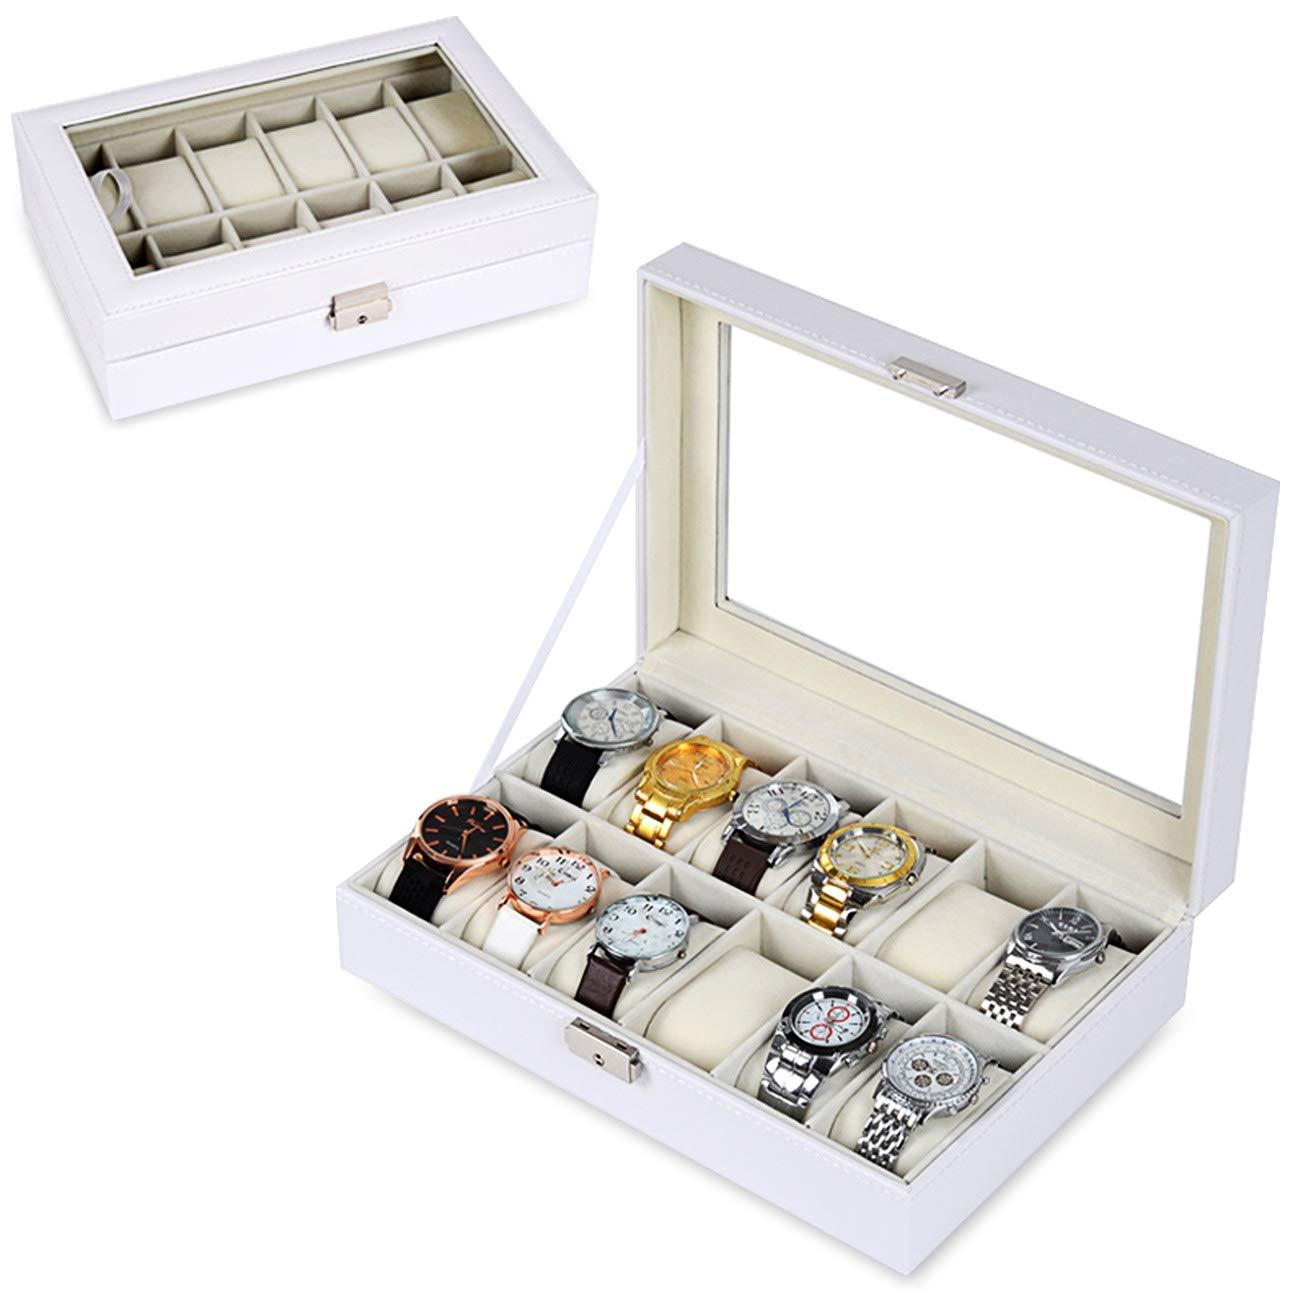 78268e360 Cajas para Relojes, The perseids Estuche para Relojes, Con 12  Compartimentos, Caja de